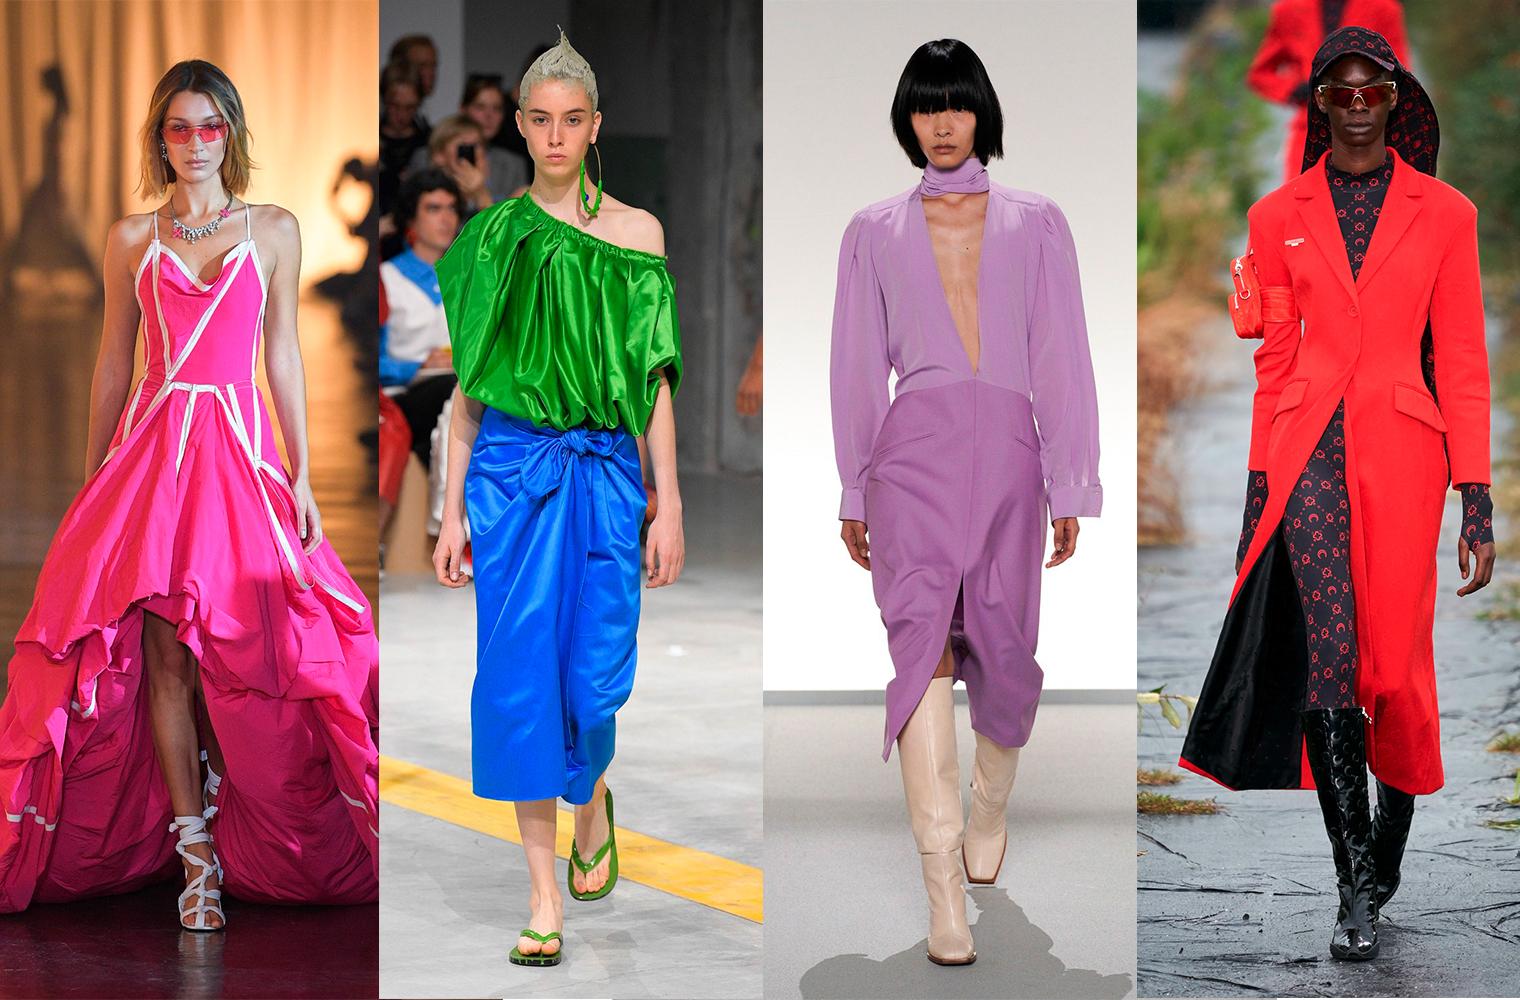 Тренды сезона Весна/Лето 2020 — что носить в следующем году Off-White, Marni, Givenchy, Marine Serre